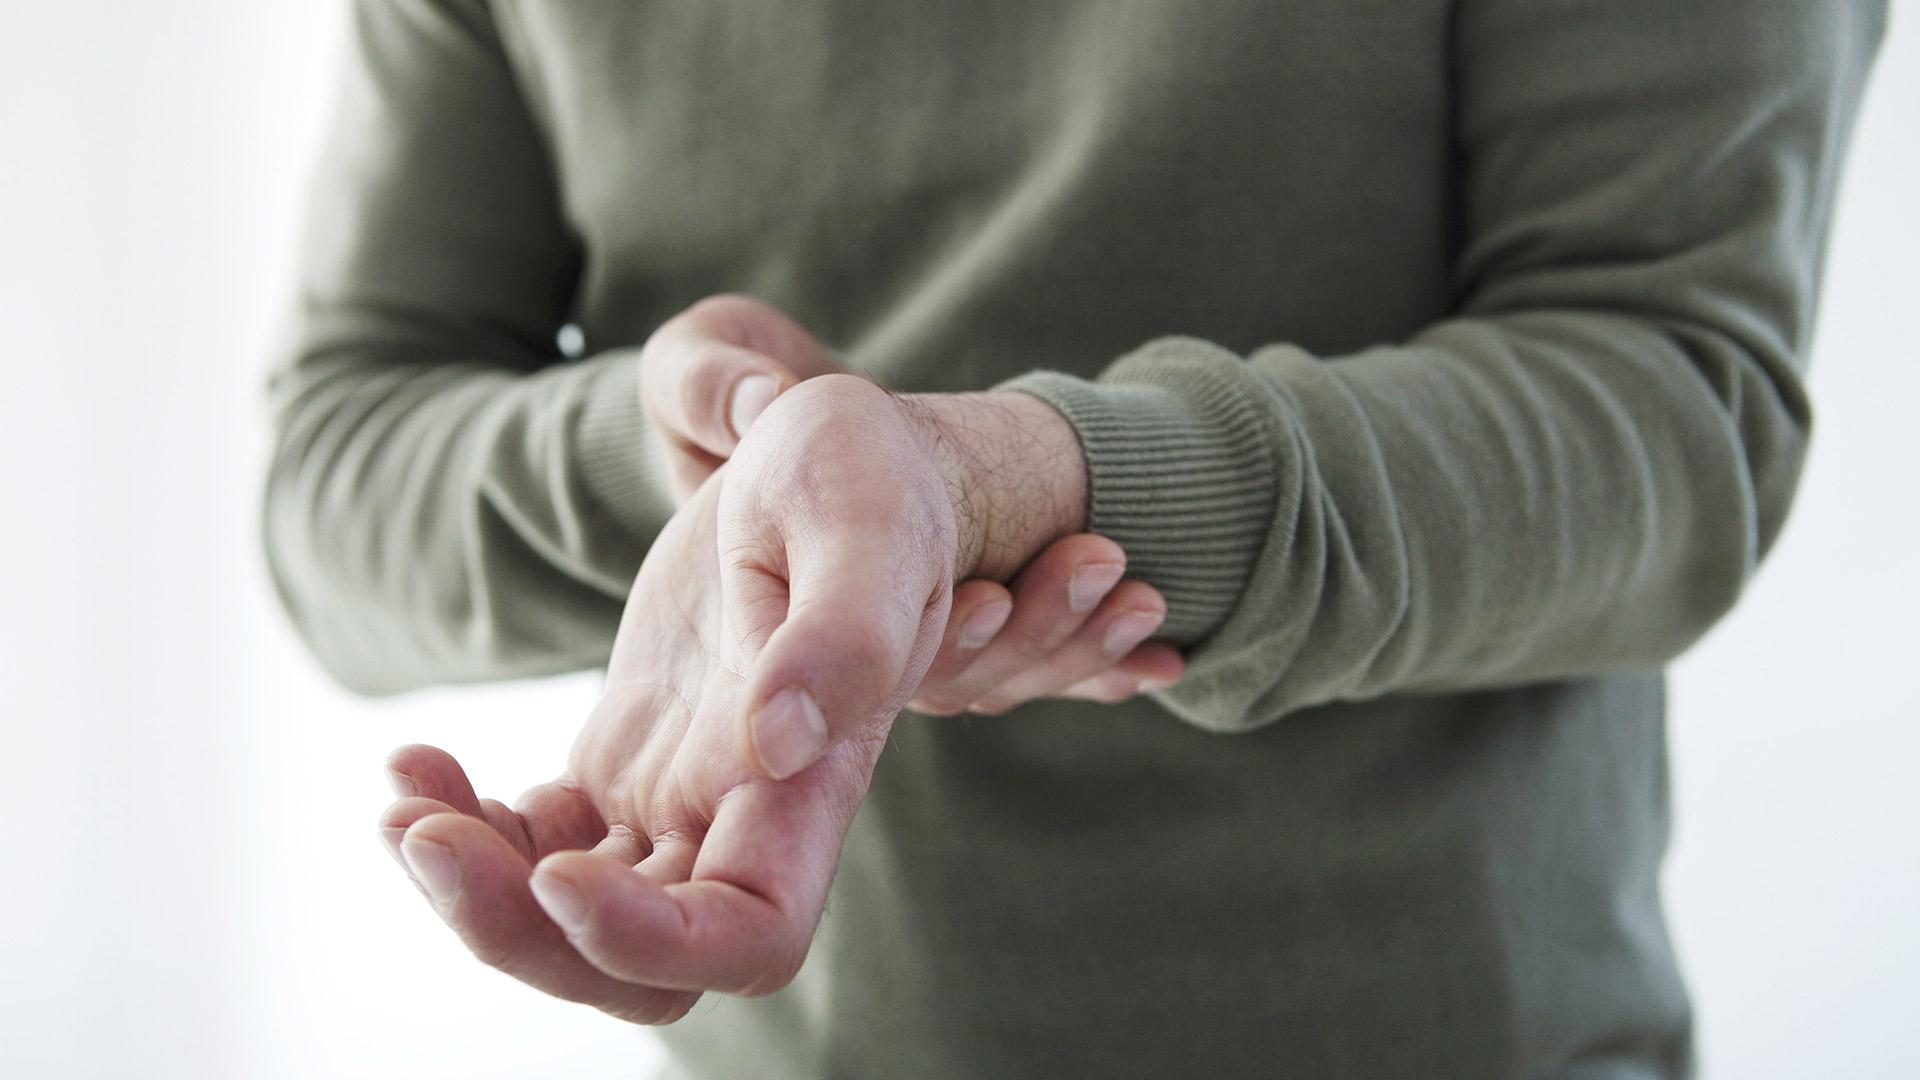 ujjízület fájdalom okozza, hogyan kell kezelni csont- és porcszövet helyreállítási folyamatok